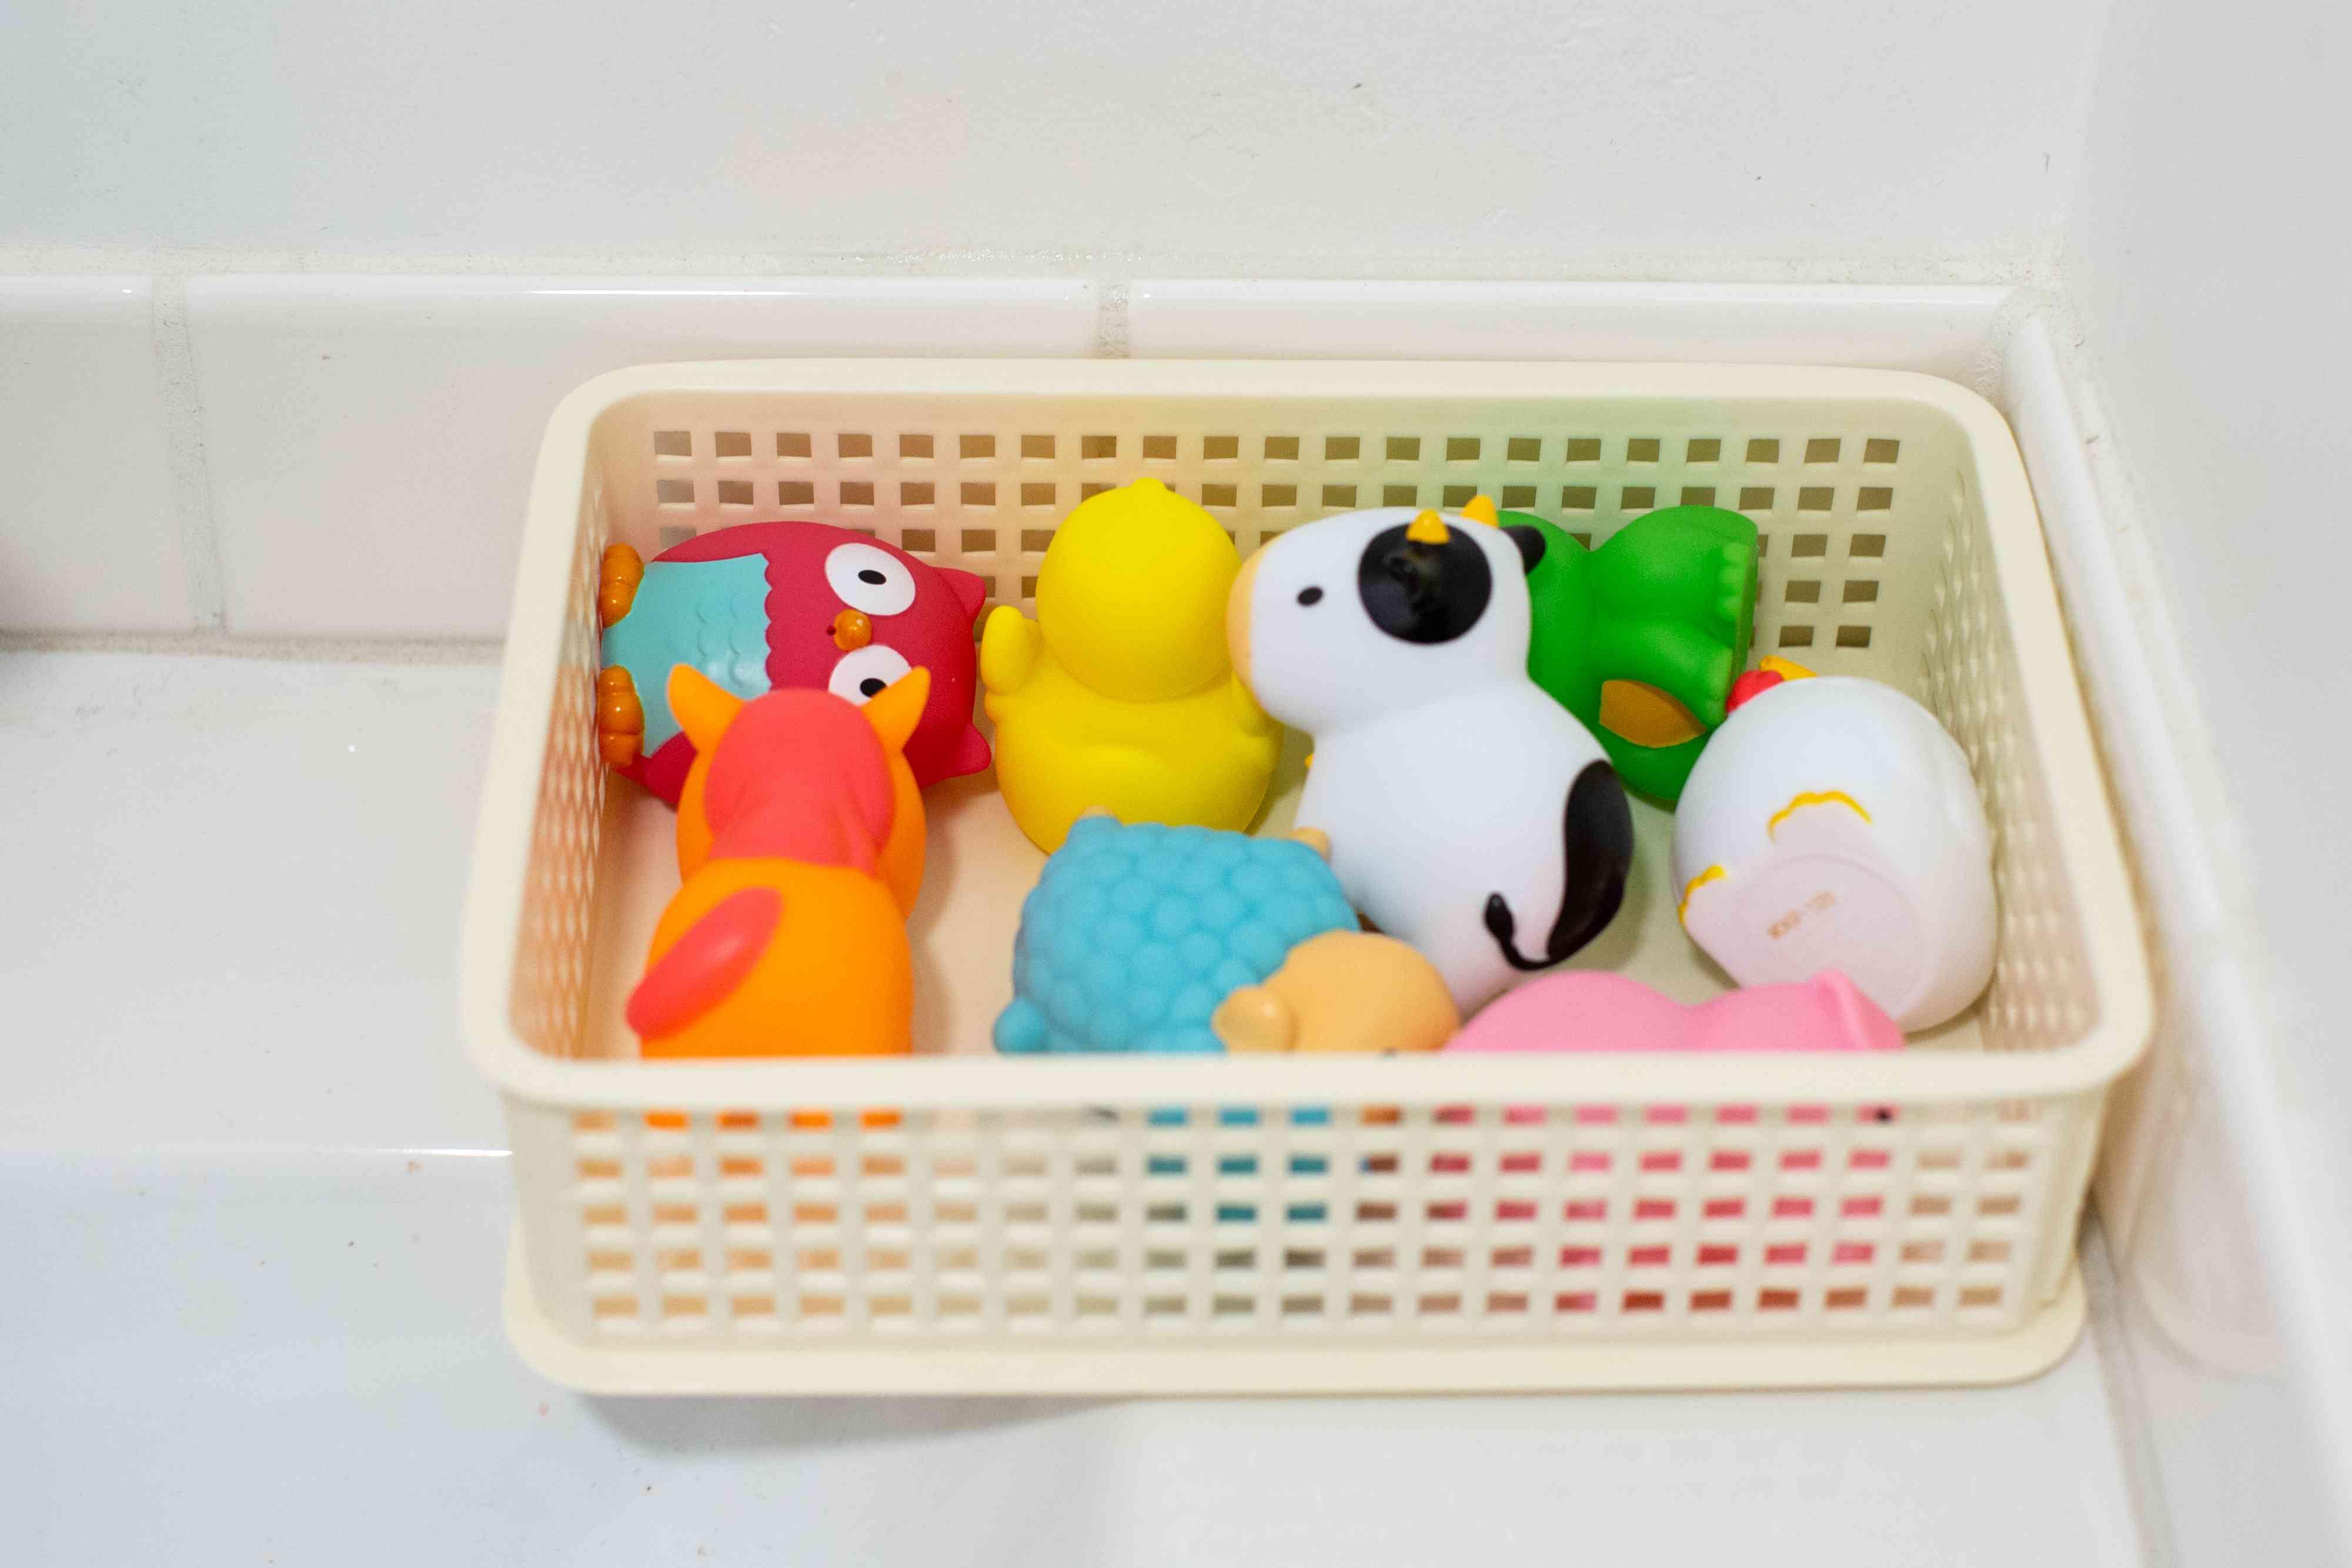 bath toys organized in a basket